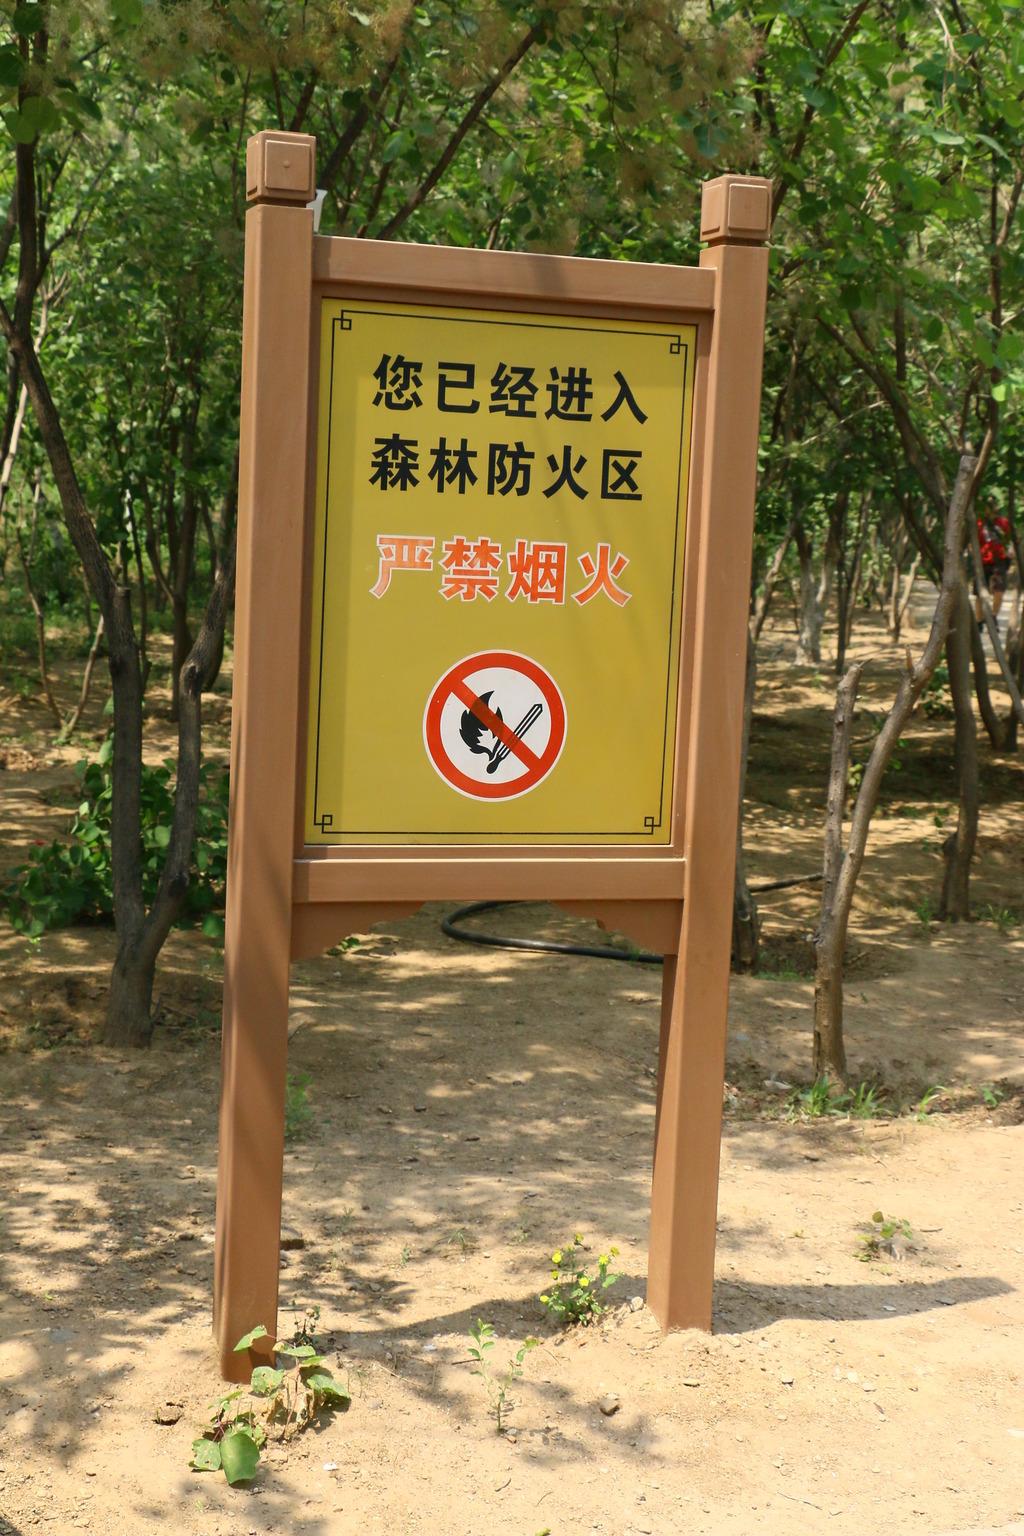 森林防火指示牌图片